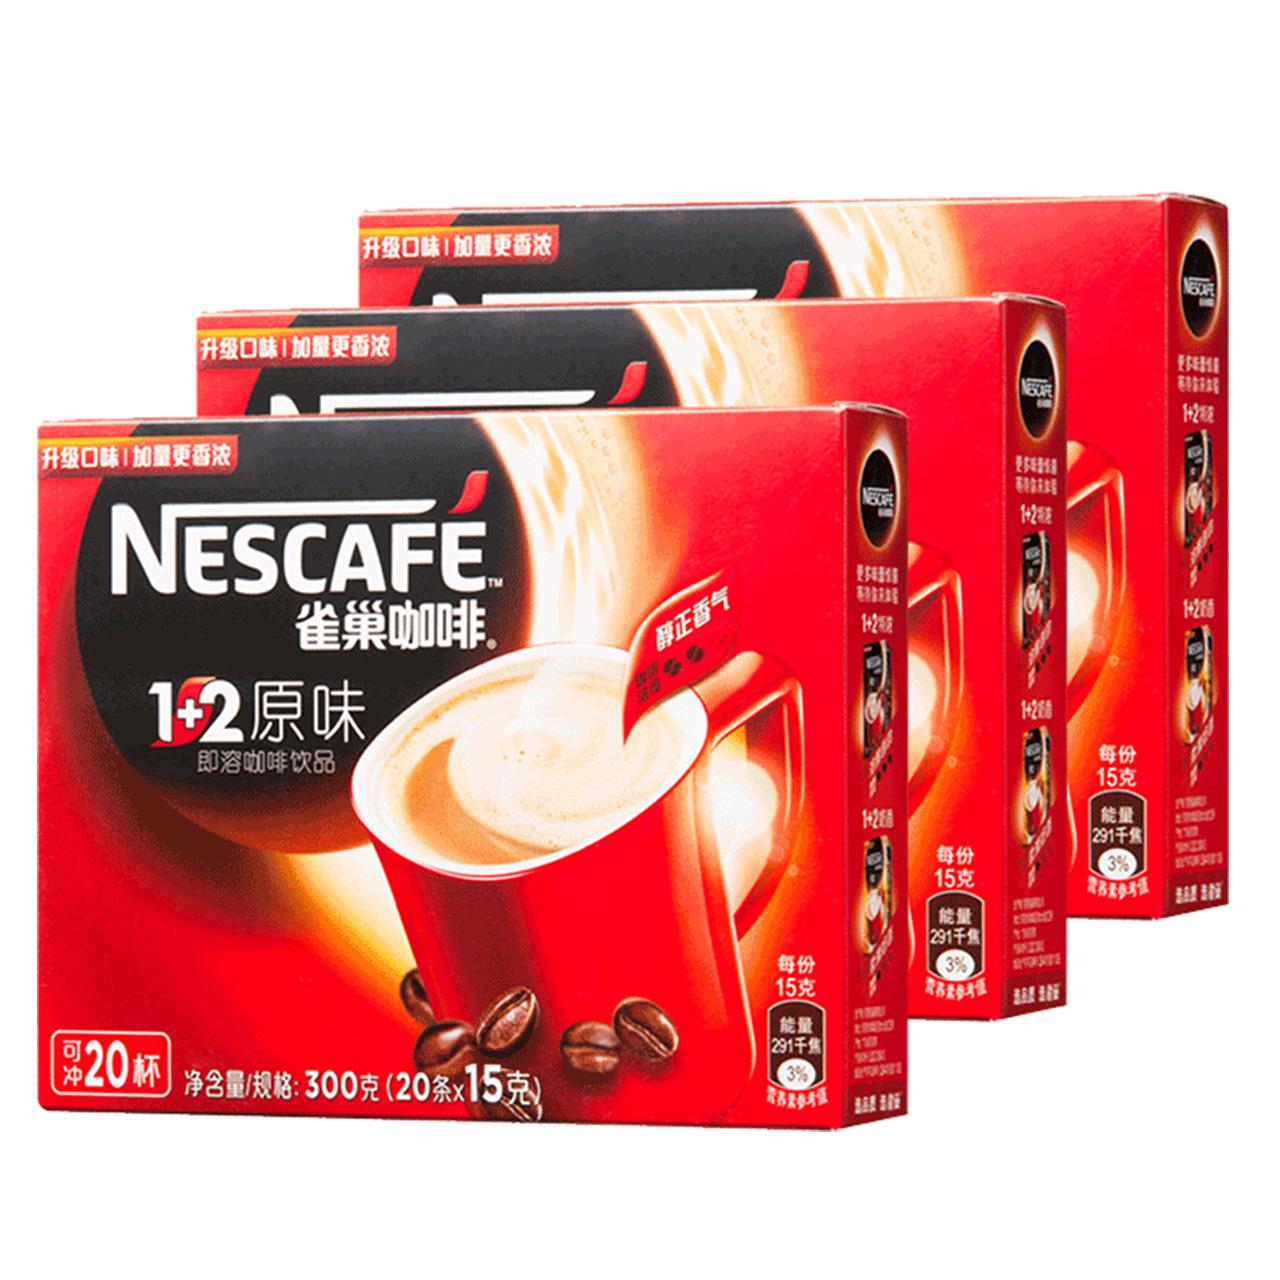 雀巢速溶咖啡1+2经典原味60条装即溶即冲即饮品